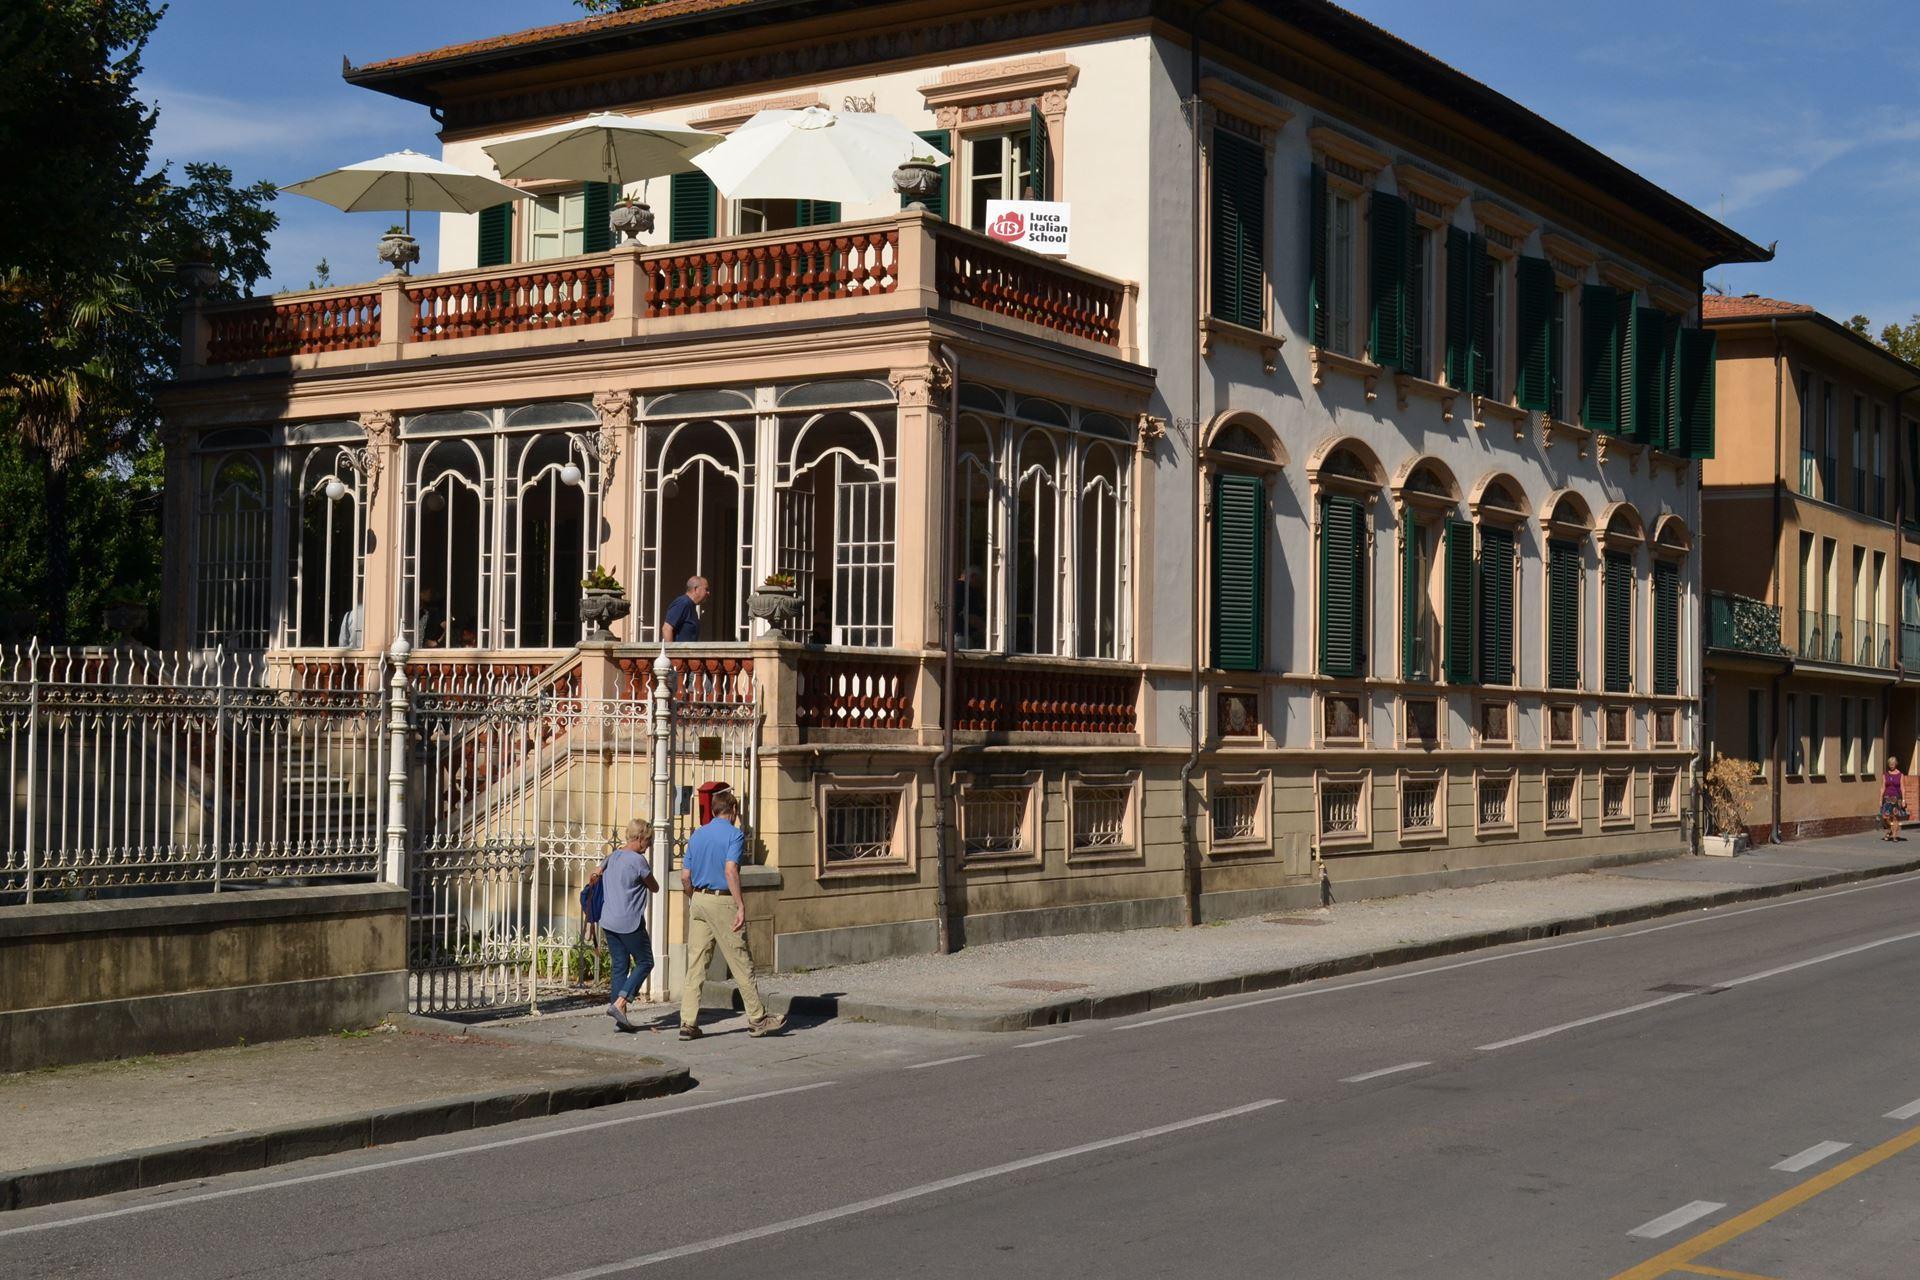 Ιταλία: Διακοπή λειτουργίας σχολείων που δεν τηρούν αντισεισμικά κριτήρια